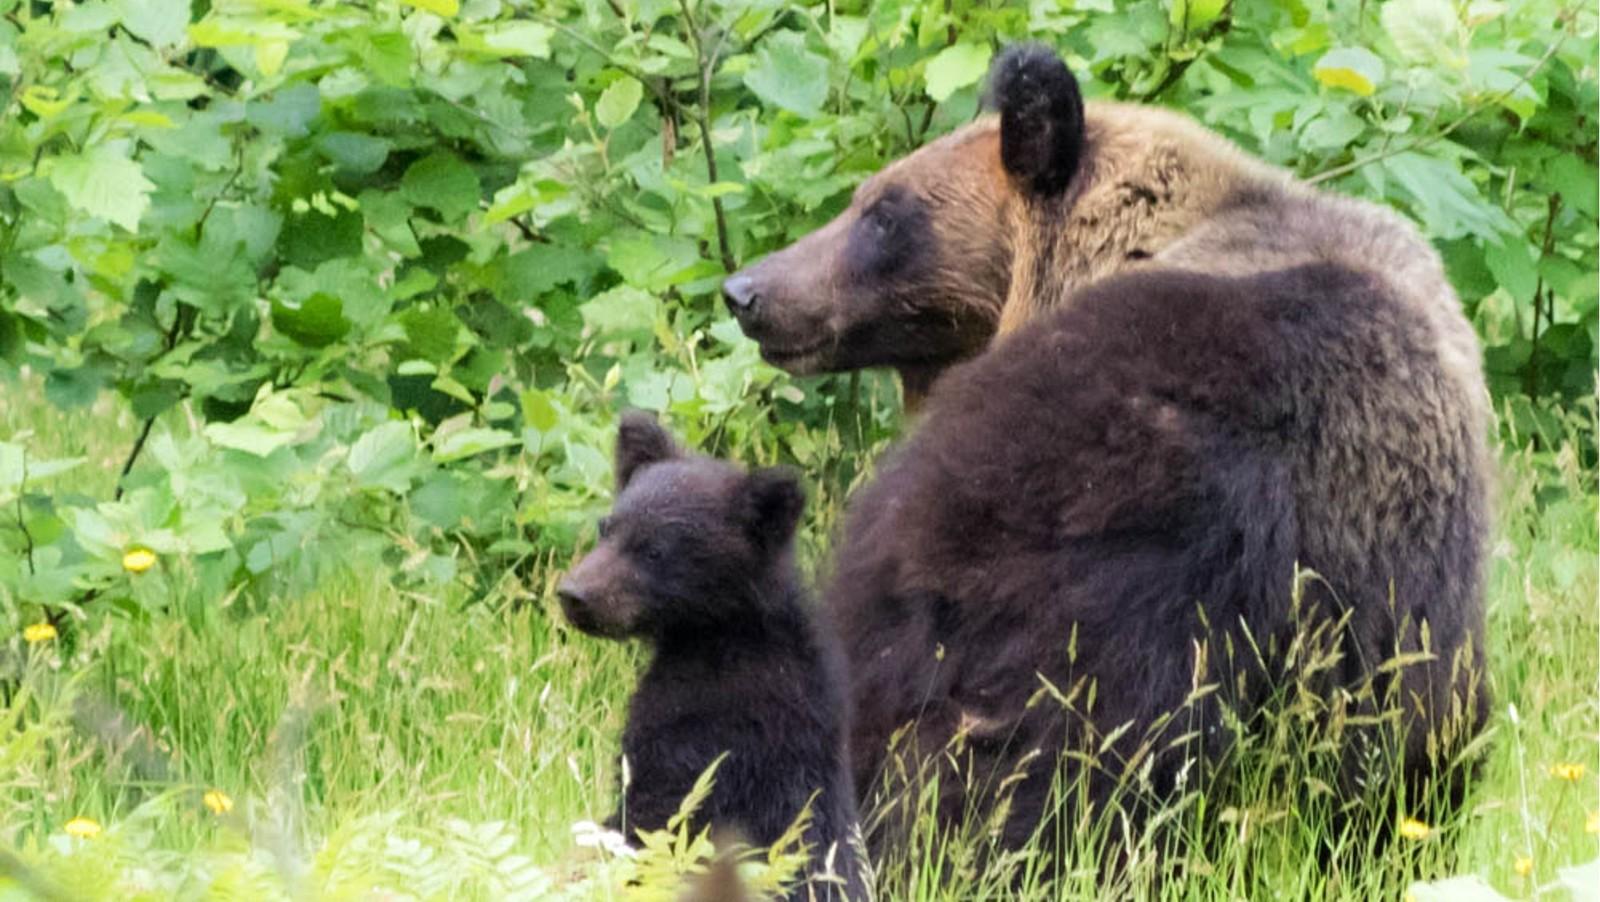 ゆとりろ洞爺湖 【熊牧場チケット付き】北海道旅行の定番!大迫力のヒグマを楽しむ<★スタンダード/会場食>